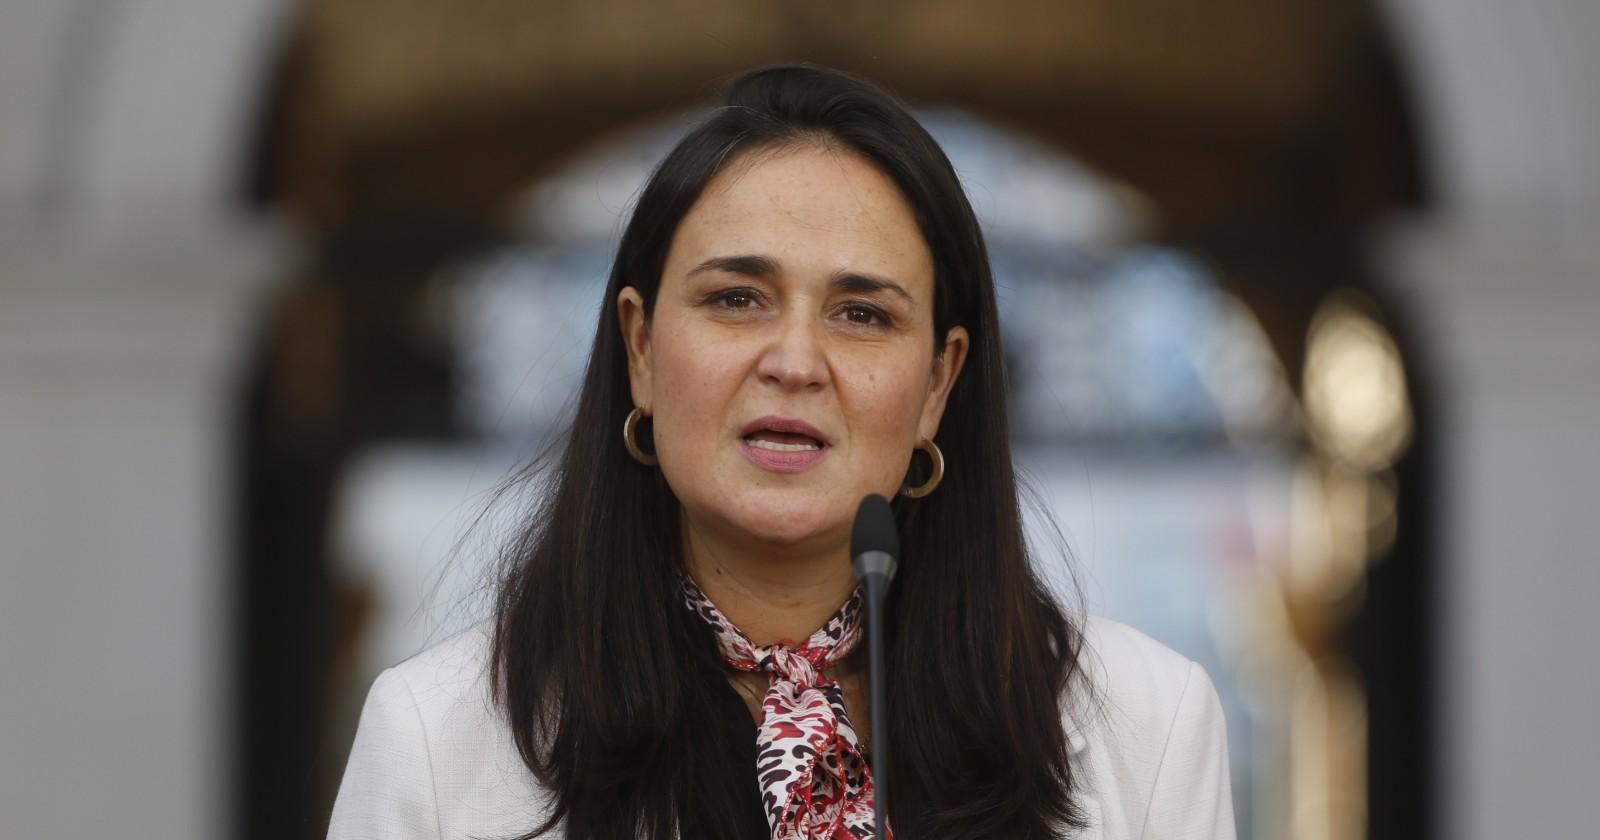 """Subsecretaria de la Niñez corrige críticas contra jueces: """"Lamento que mis dichos hayan desviado la discusión"""""""